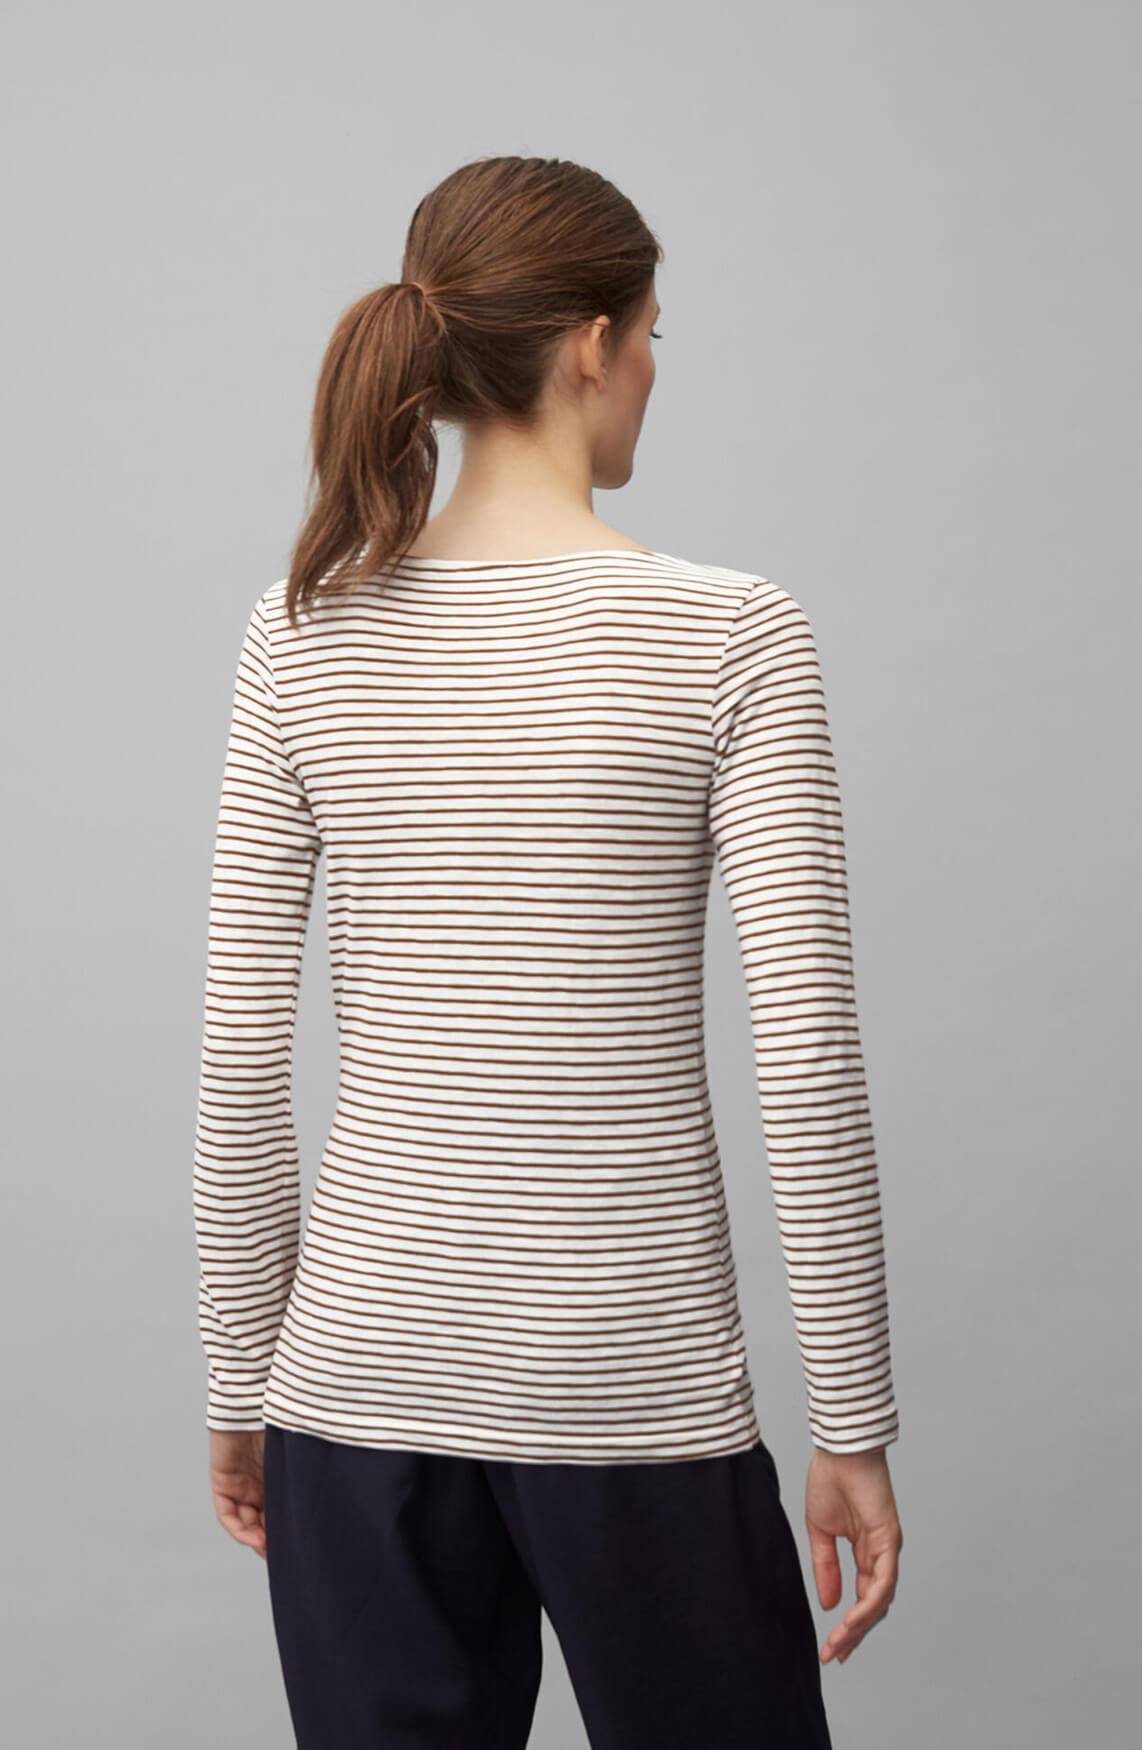 Marc O'Polo Dames Gestreept shirt Bruin